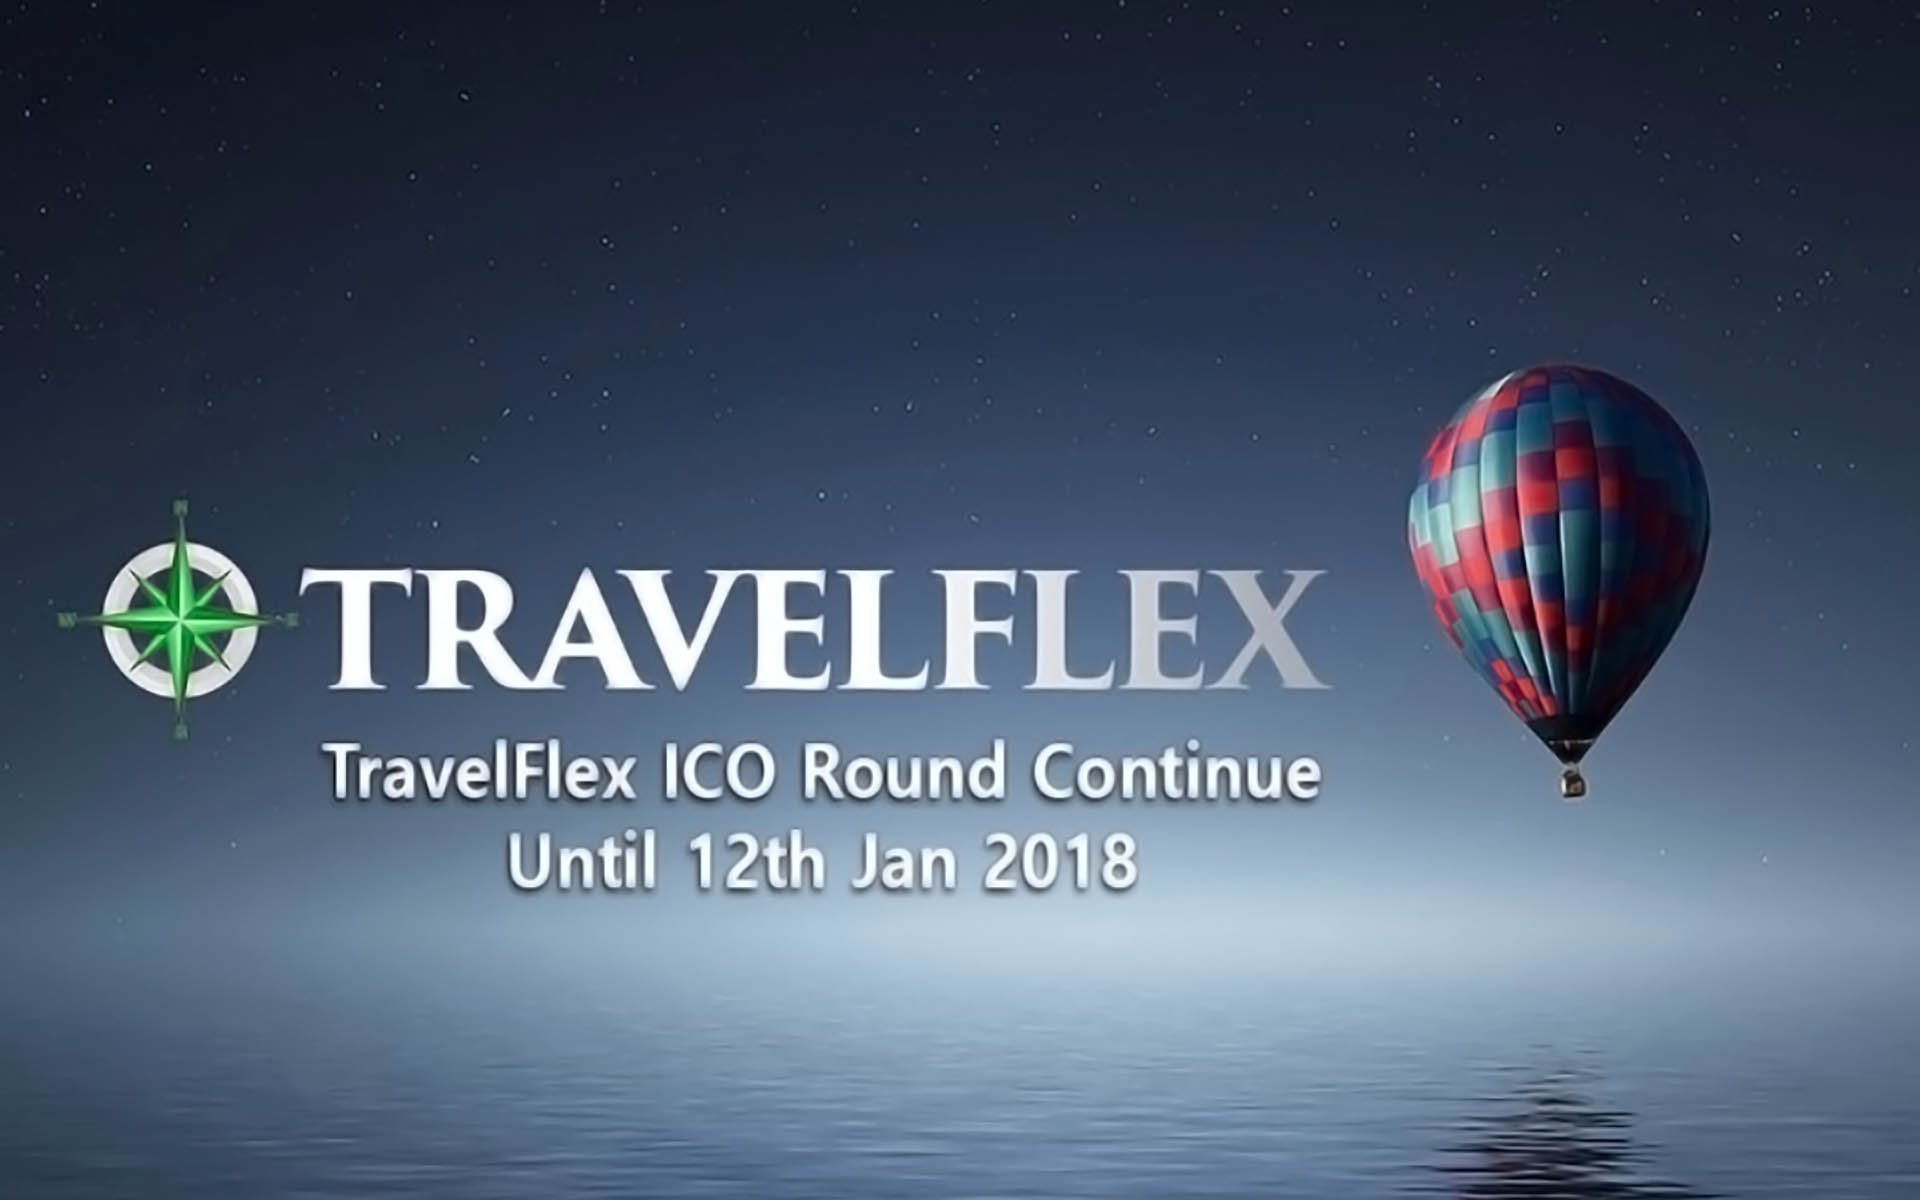 TravelFlex ICO Round Continue Until 12th Jan 2018